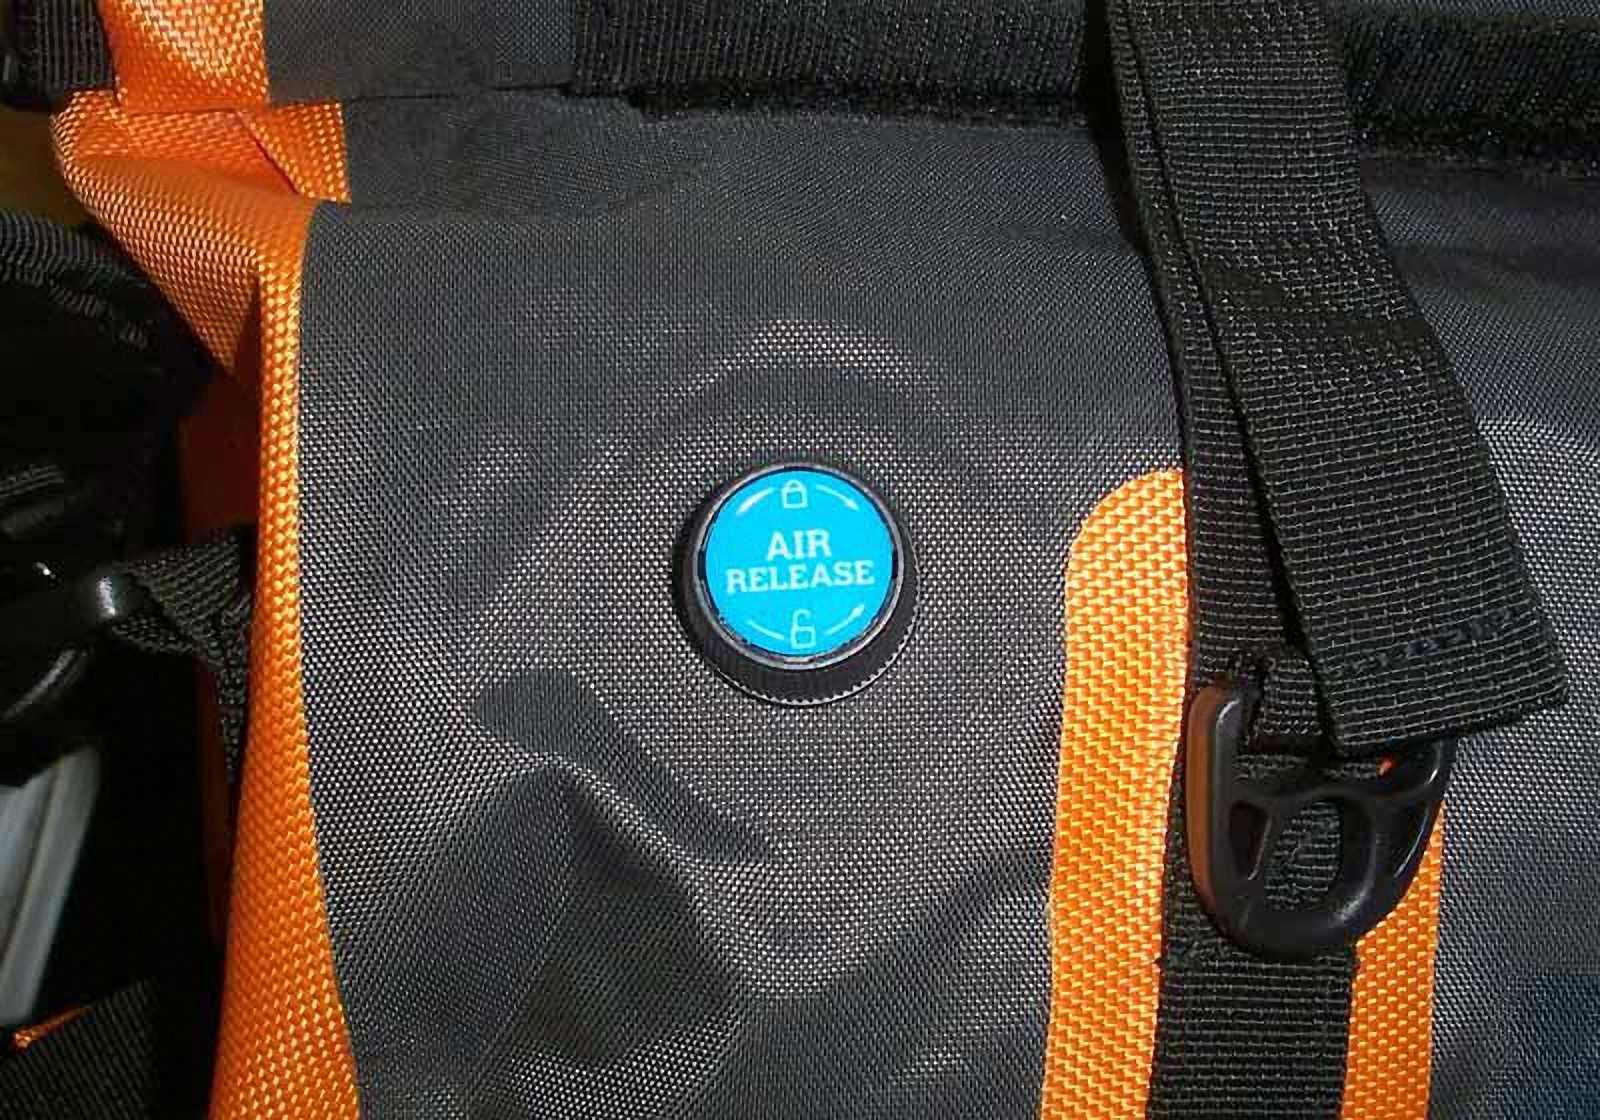 Водонепроницаемая сумка-рюкзак Aquapac 703 - Upano Waterproof Duffel - 70L.. Aquapac - №1 в мире водонепроницаемых чехлов и сумок. Фото 3